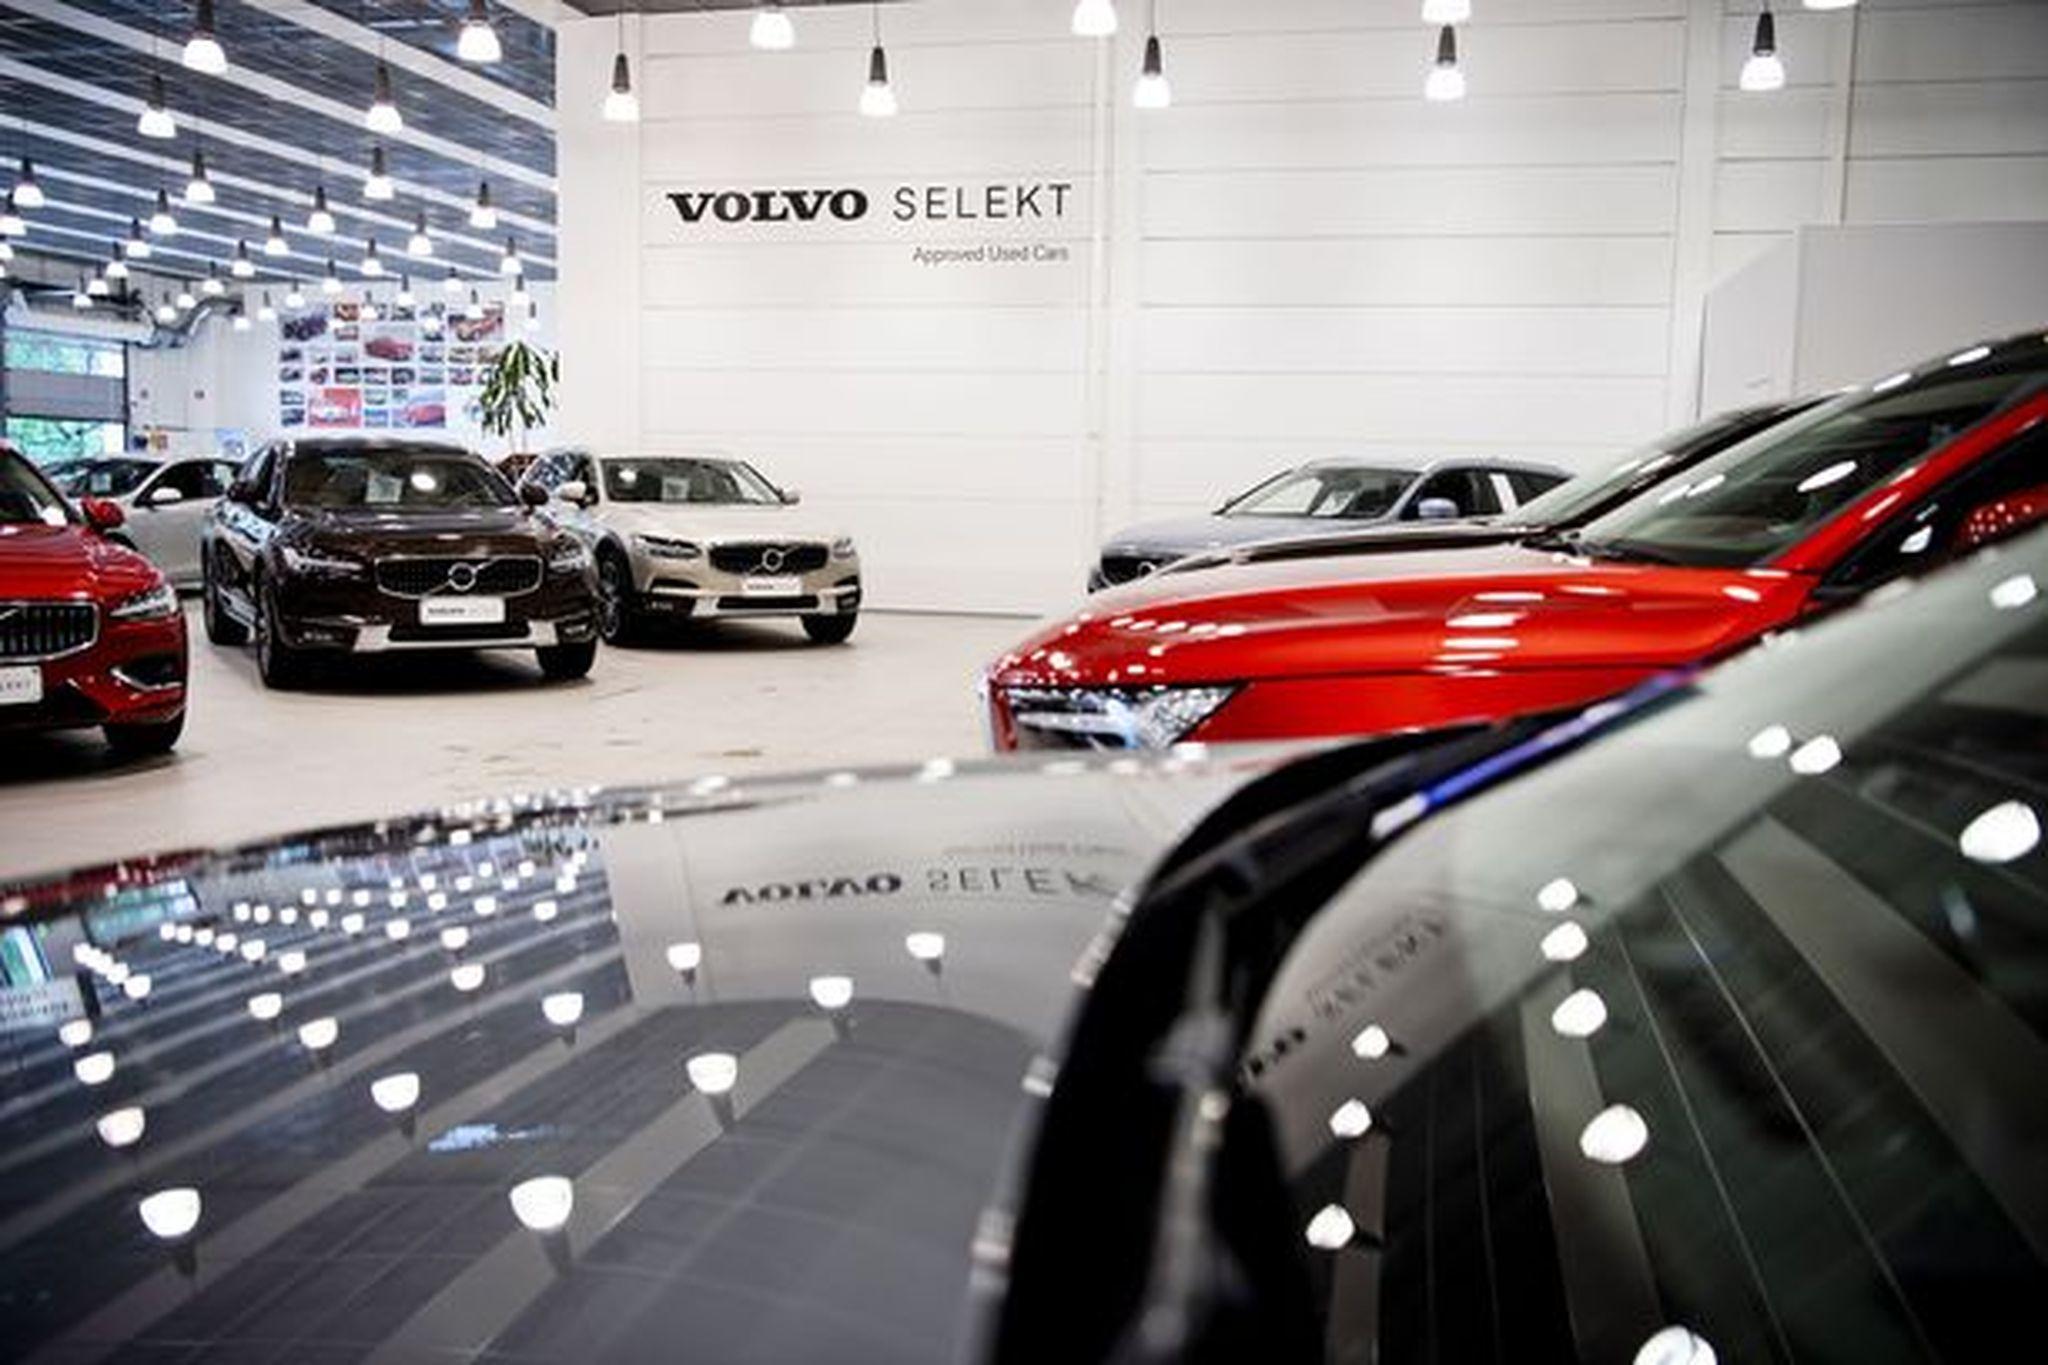 Volvo Selekt vaihtoauto